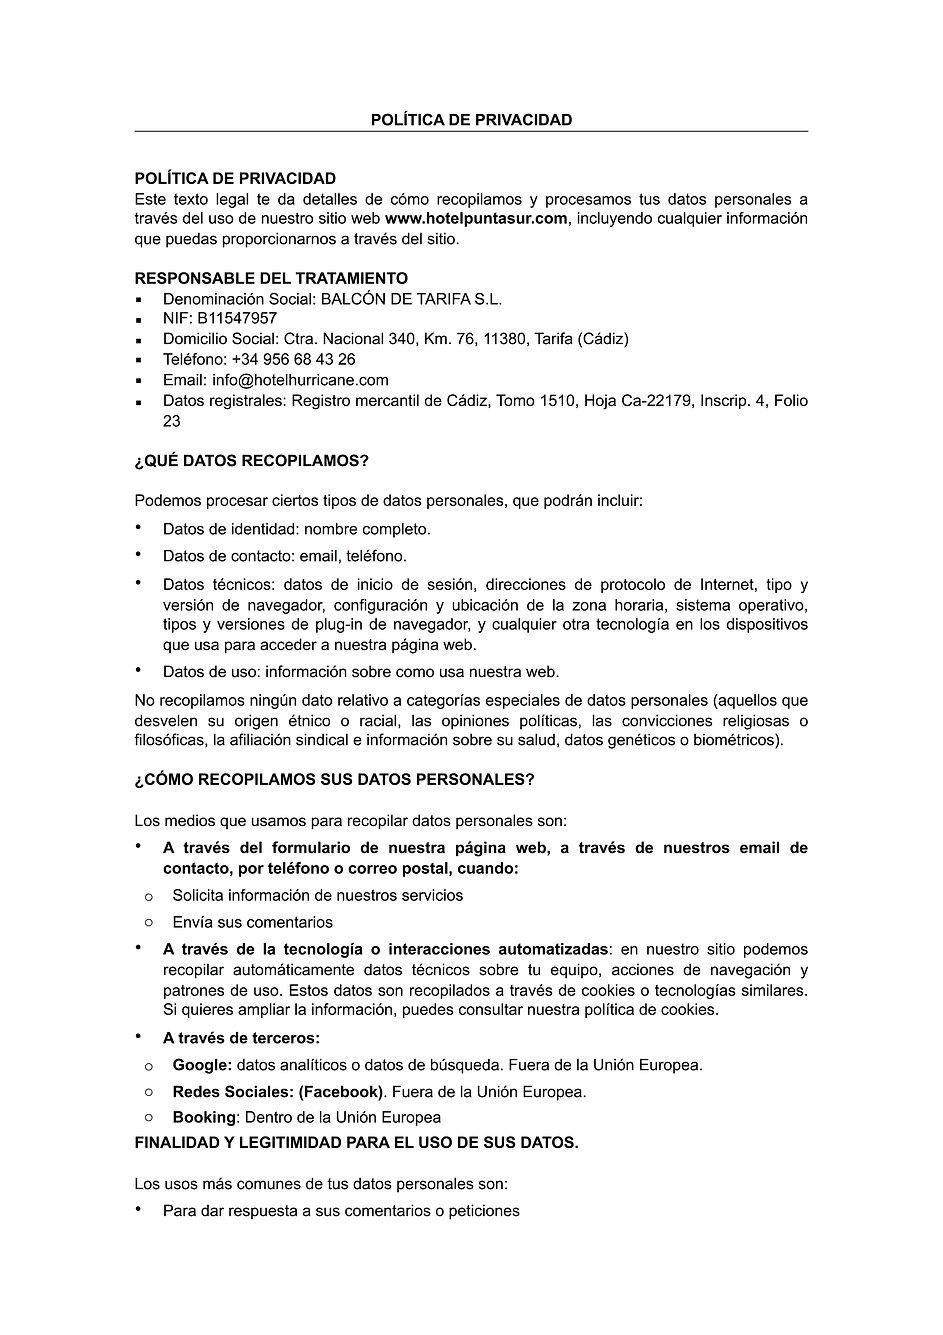 2_POLÍTICA_DE_PRIVACIDAD.jpg